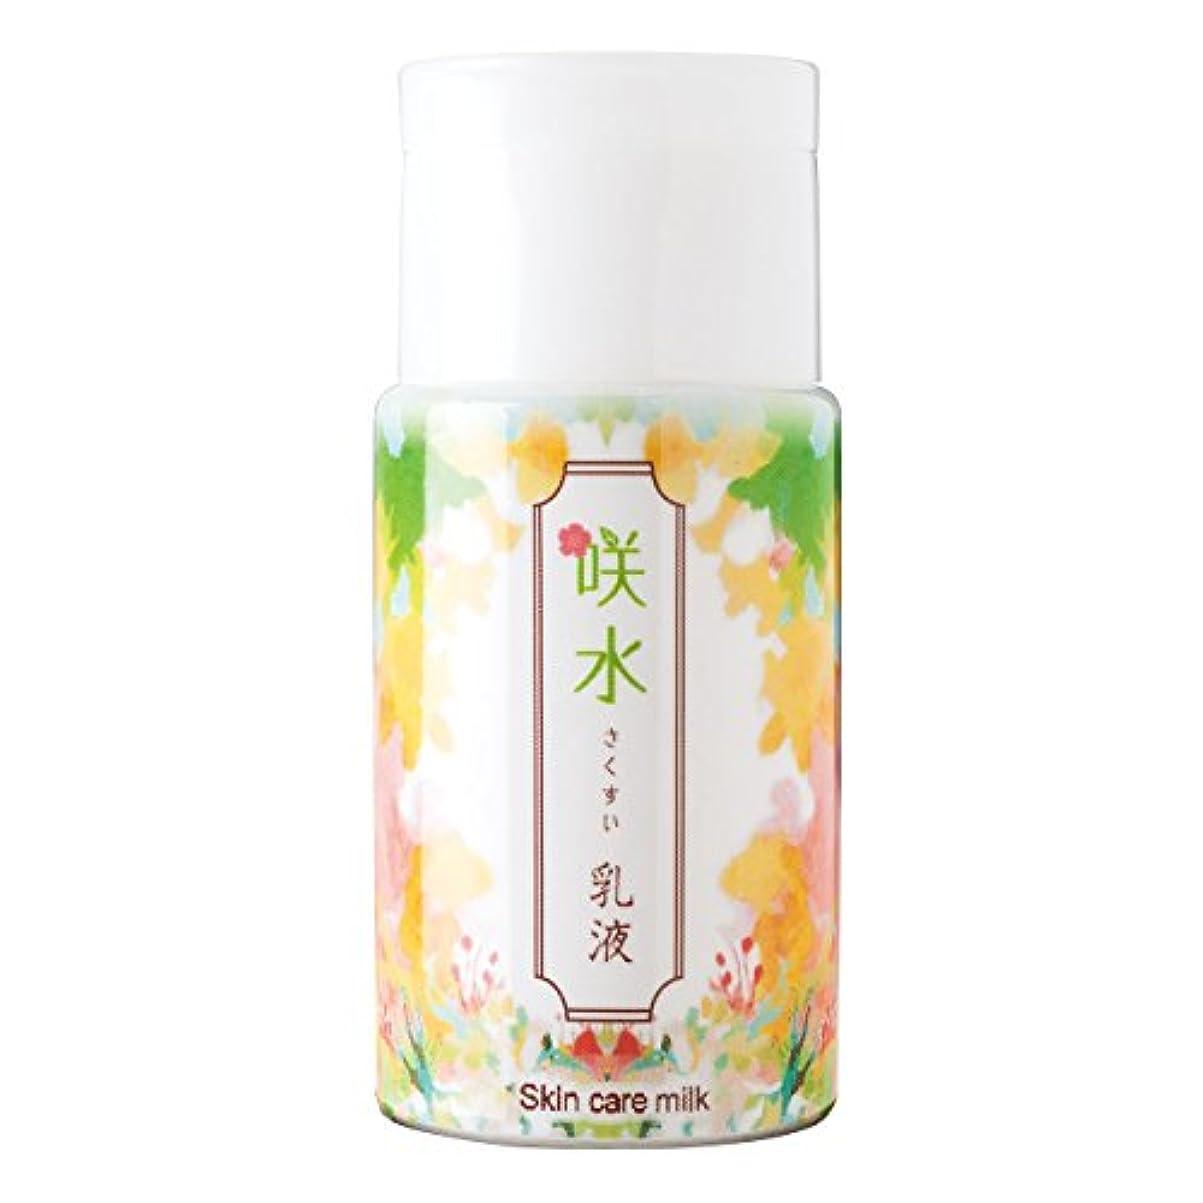 資格そこから回答咲水 スキンケア乳液 100ml リバテープ製薬 日本製 スイゼンジノリ サクラン 乾燥 肌 顔 フェイス